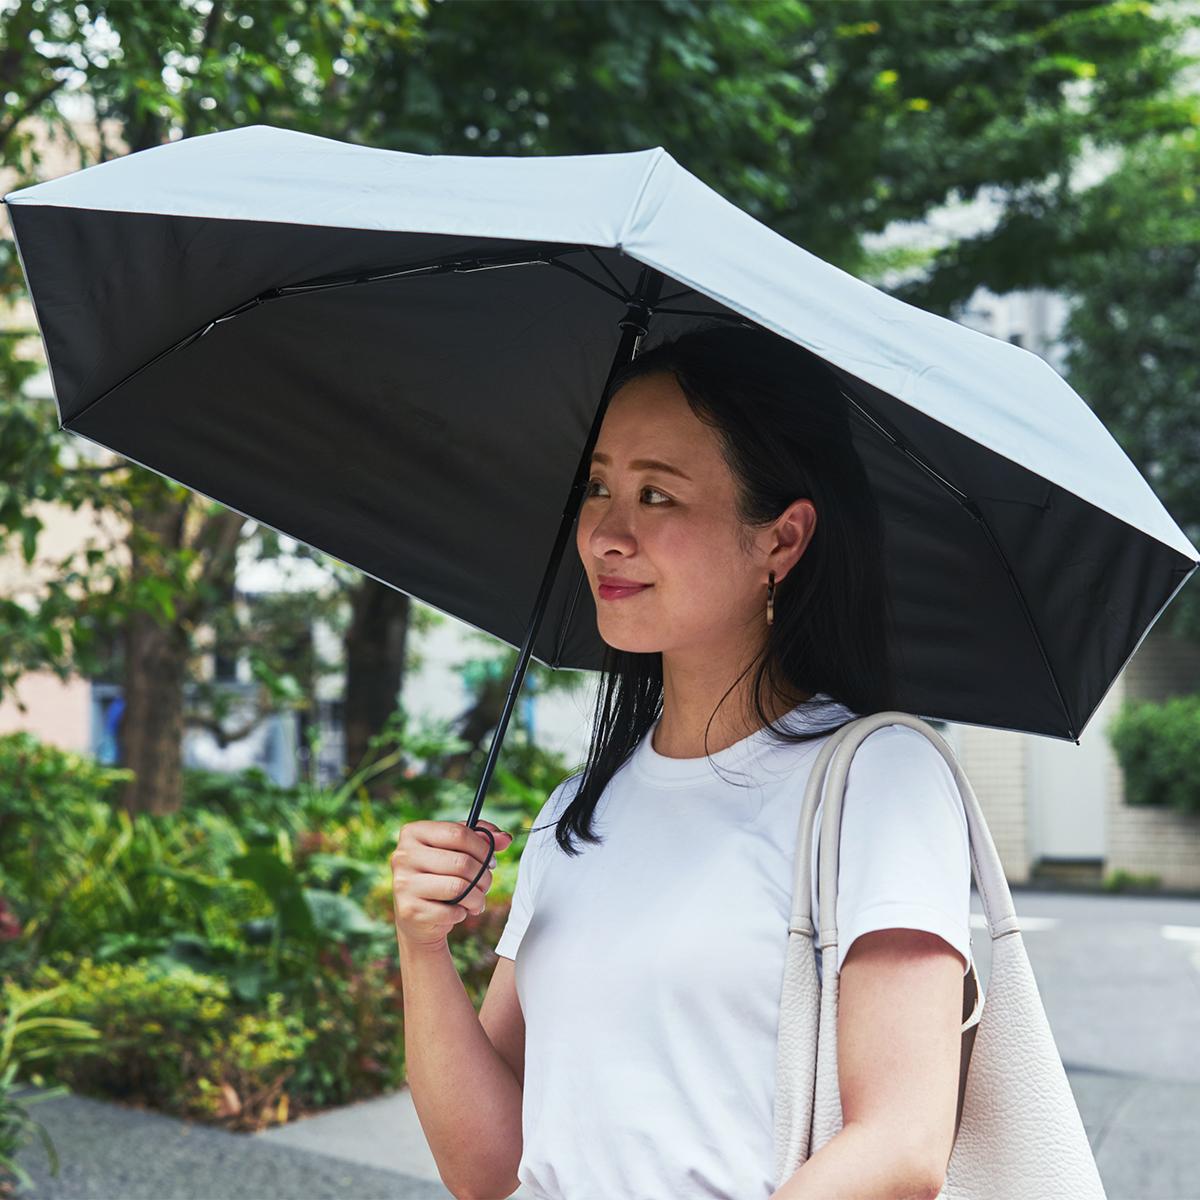 親指1本でカンタン開閉、なのに驚くほど軽い!完全遮光タイプの「ワンタッチ開閉式折りたたみ傘(晴雨兼用)」|VERYKAL HEAT BLOCK